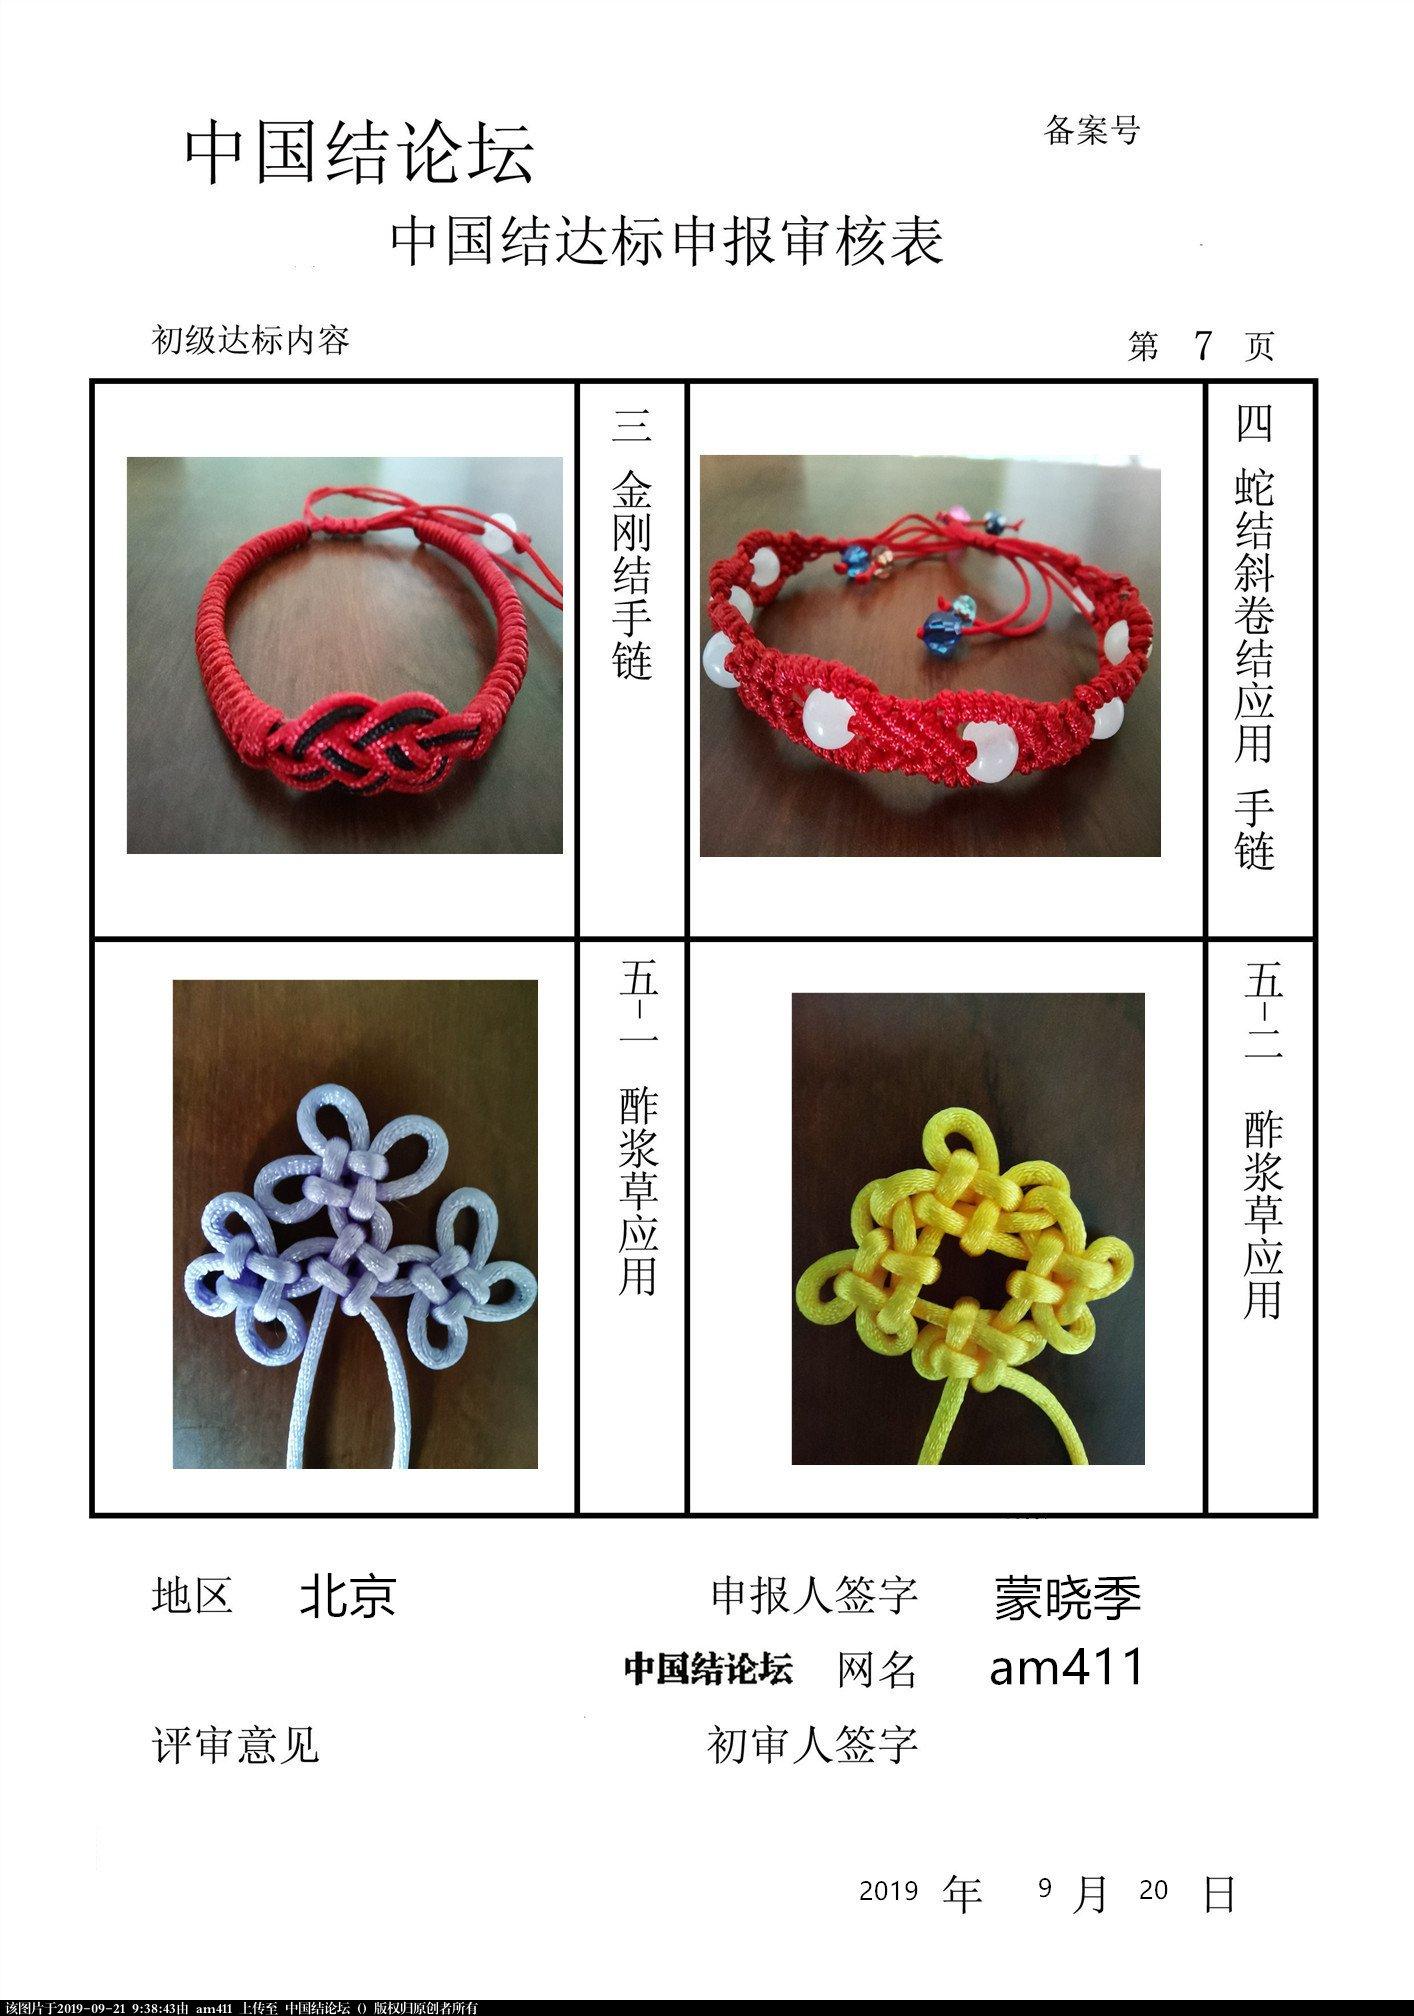 中国结论坛 am411 初级考核申请  中国绳结艺术分级达标审核 093819shh3zzs767lh38sl